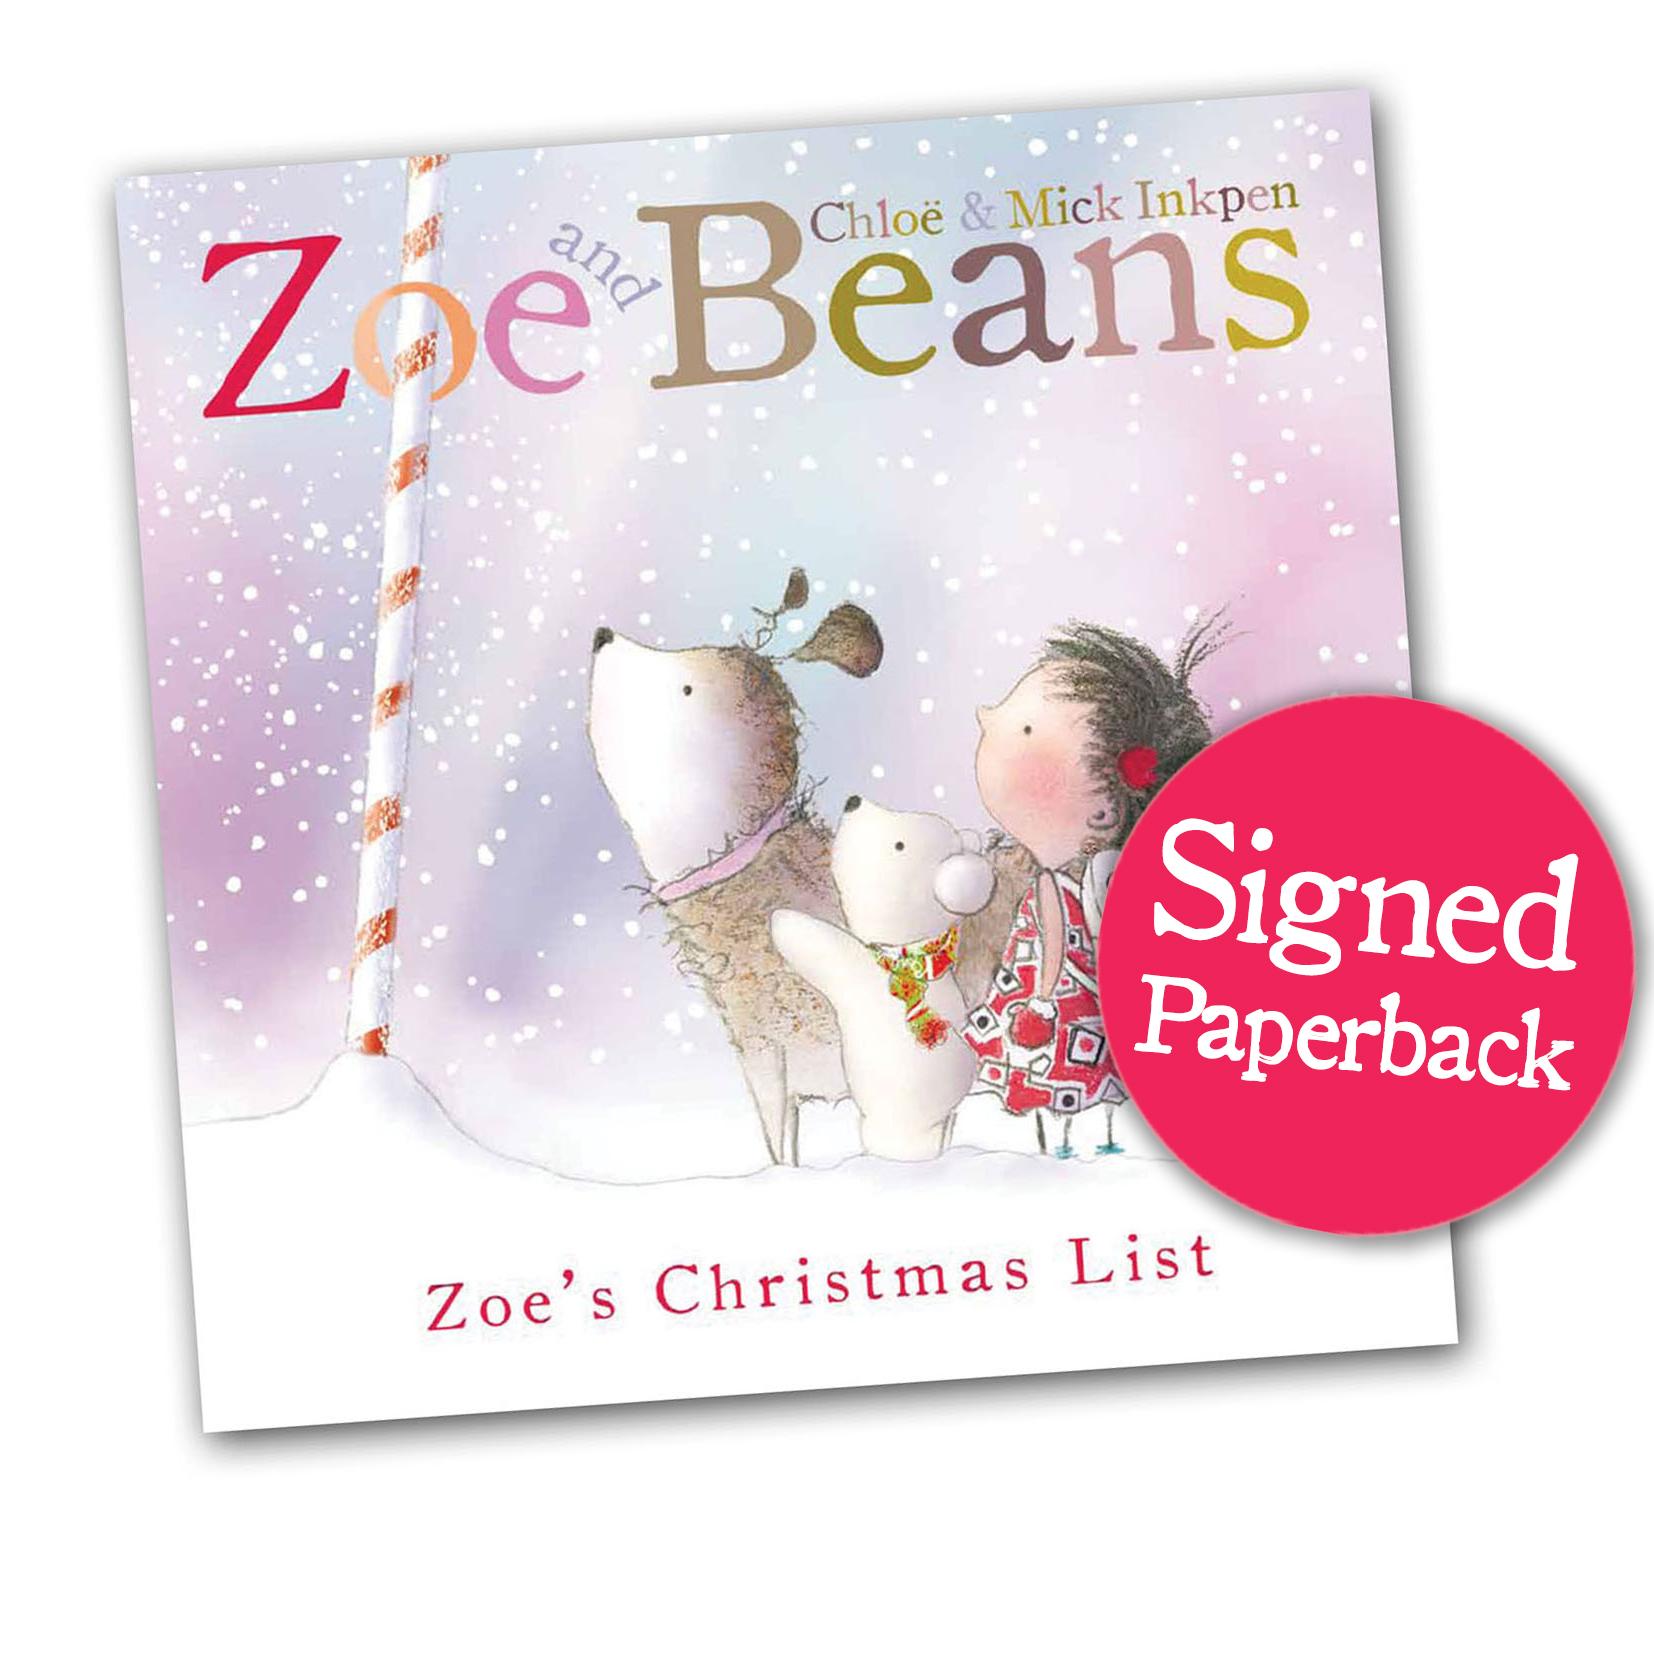 ZCL signed paperback.jpg